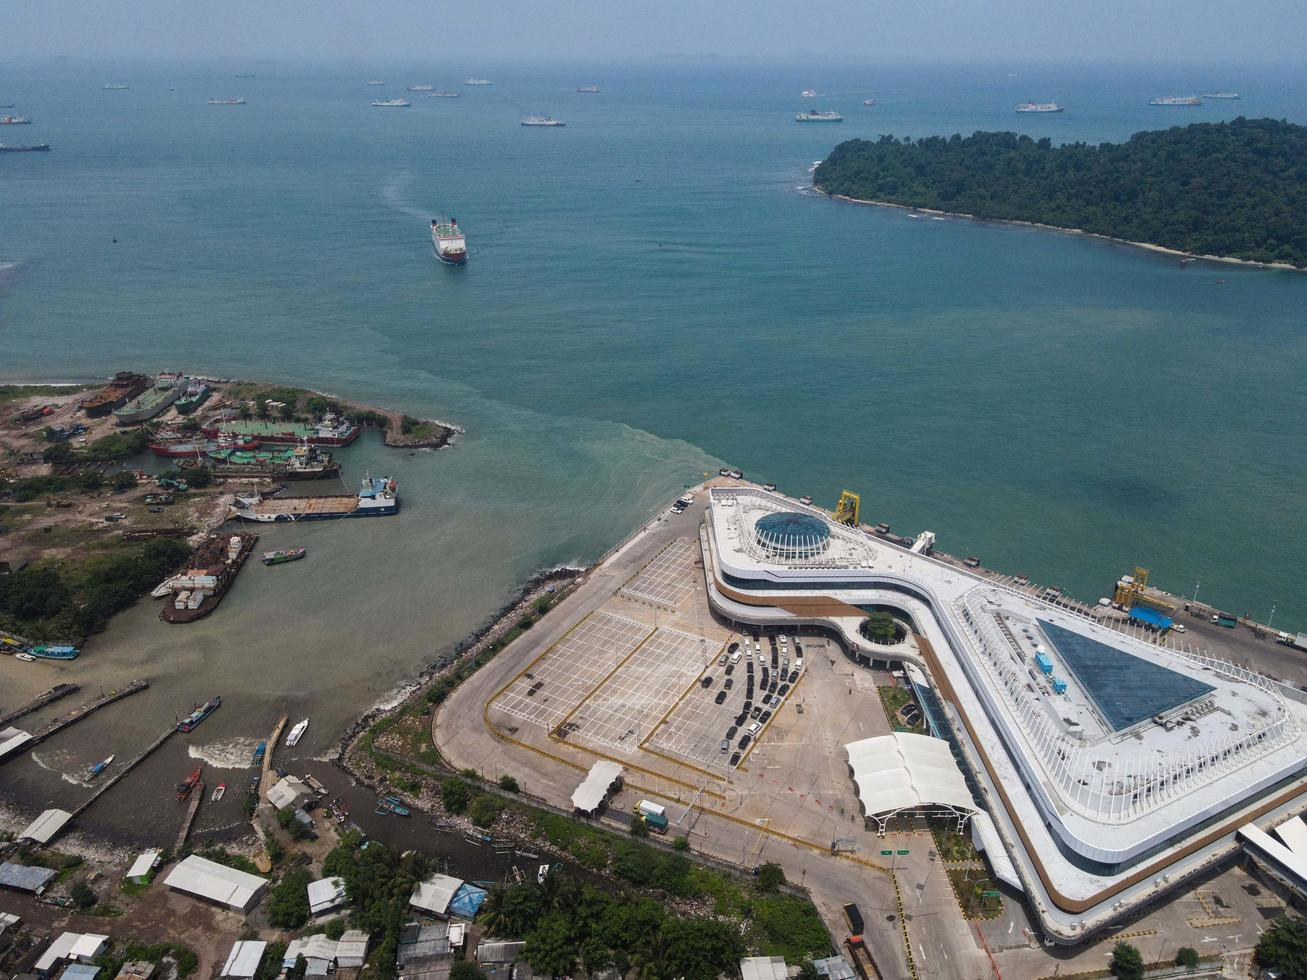 Banten, Indonesië 2021 - Luchtfoto van de zeehaven van Pelabuhan Merak en het eiland van de stadshaven in de ochtendzon foto